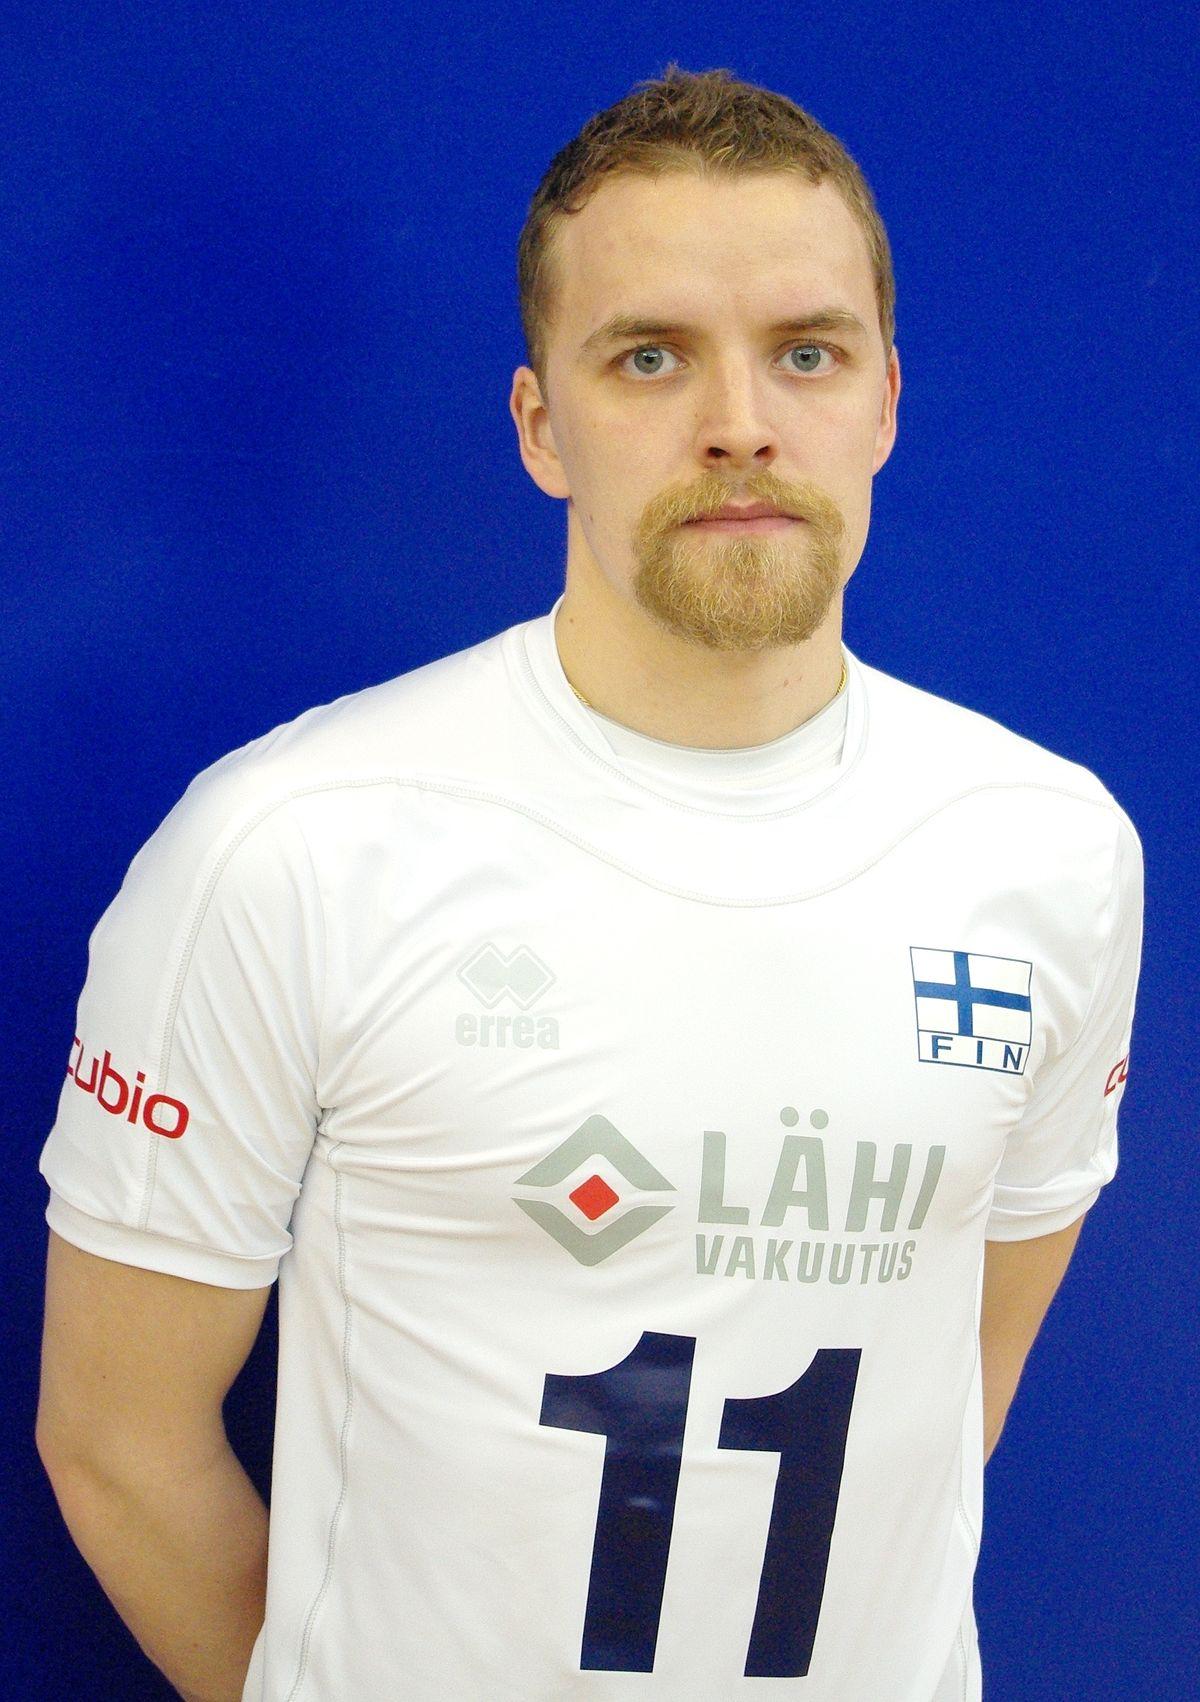 Jesse Mäntylä